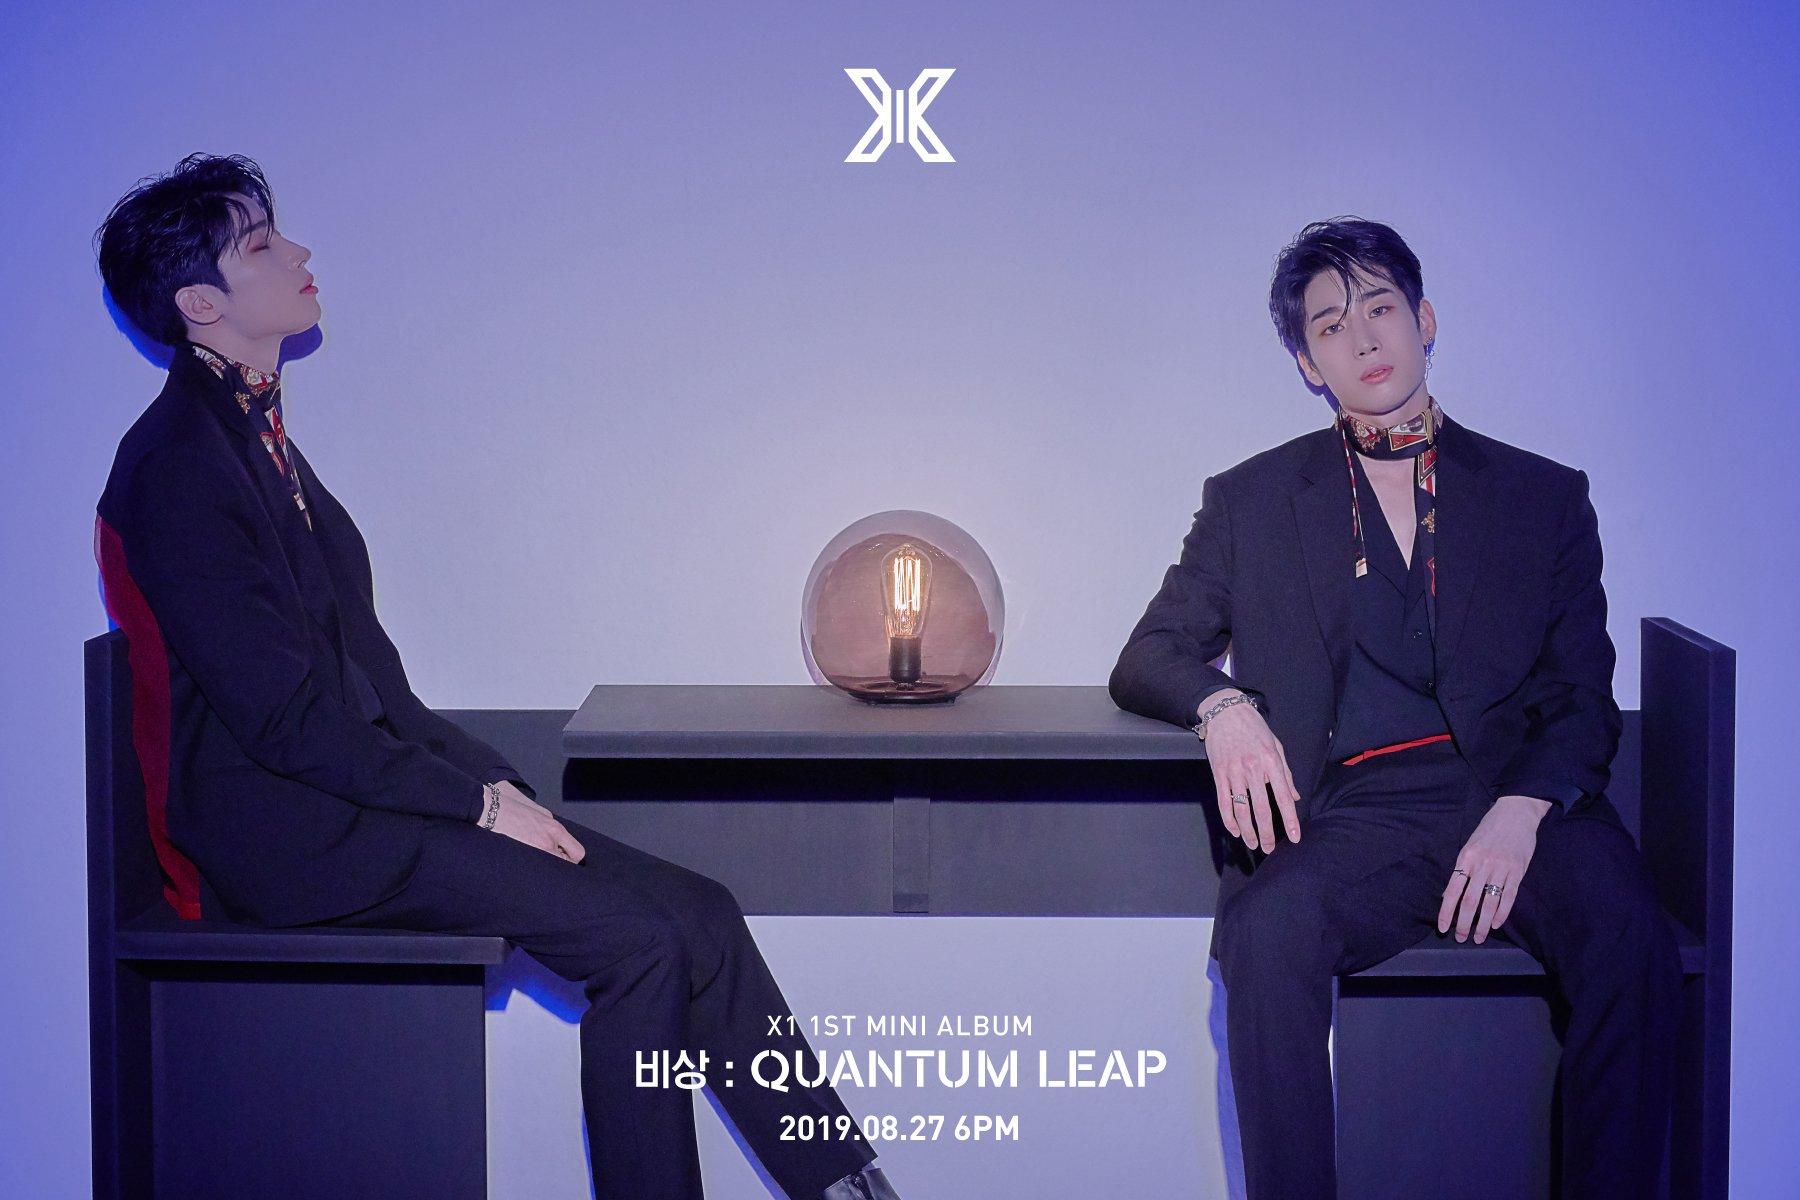 X1 Quantum Leap Teaser Photos Hdhr K Pop Database